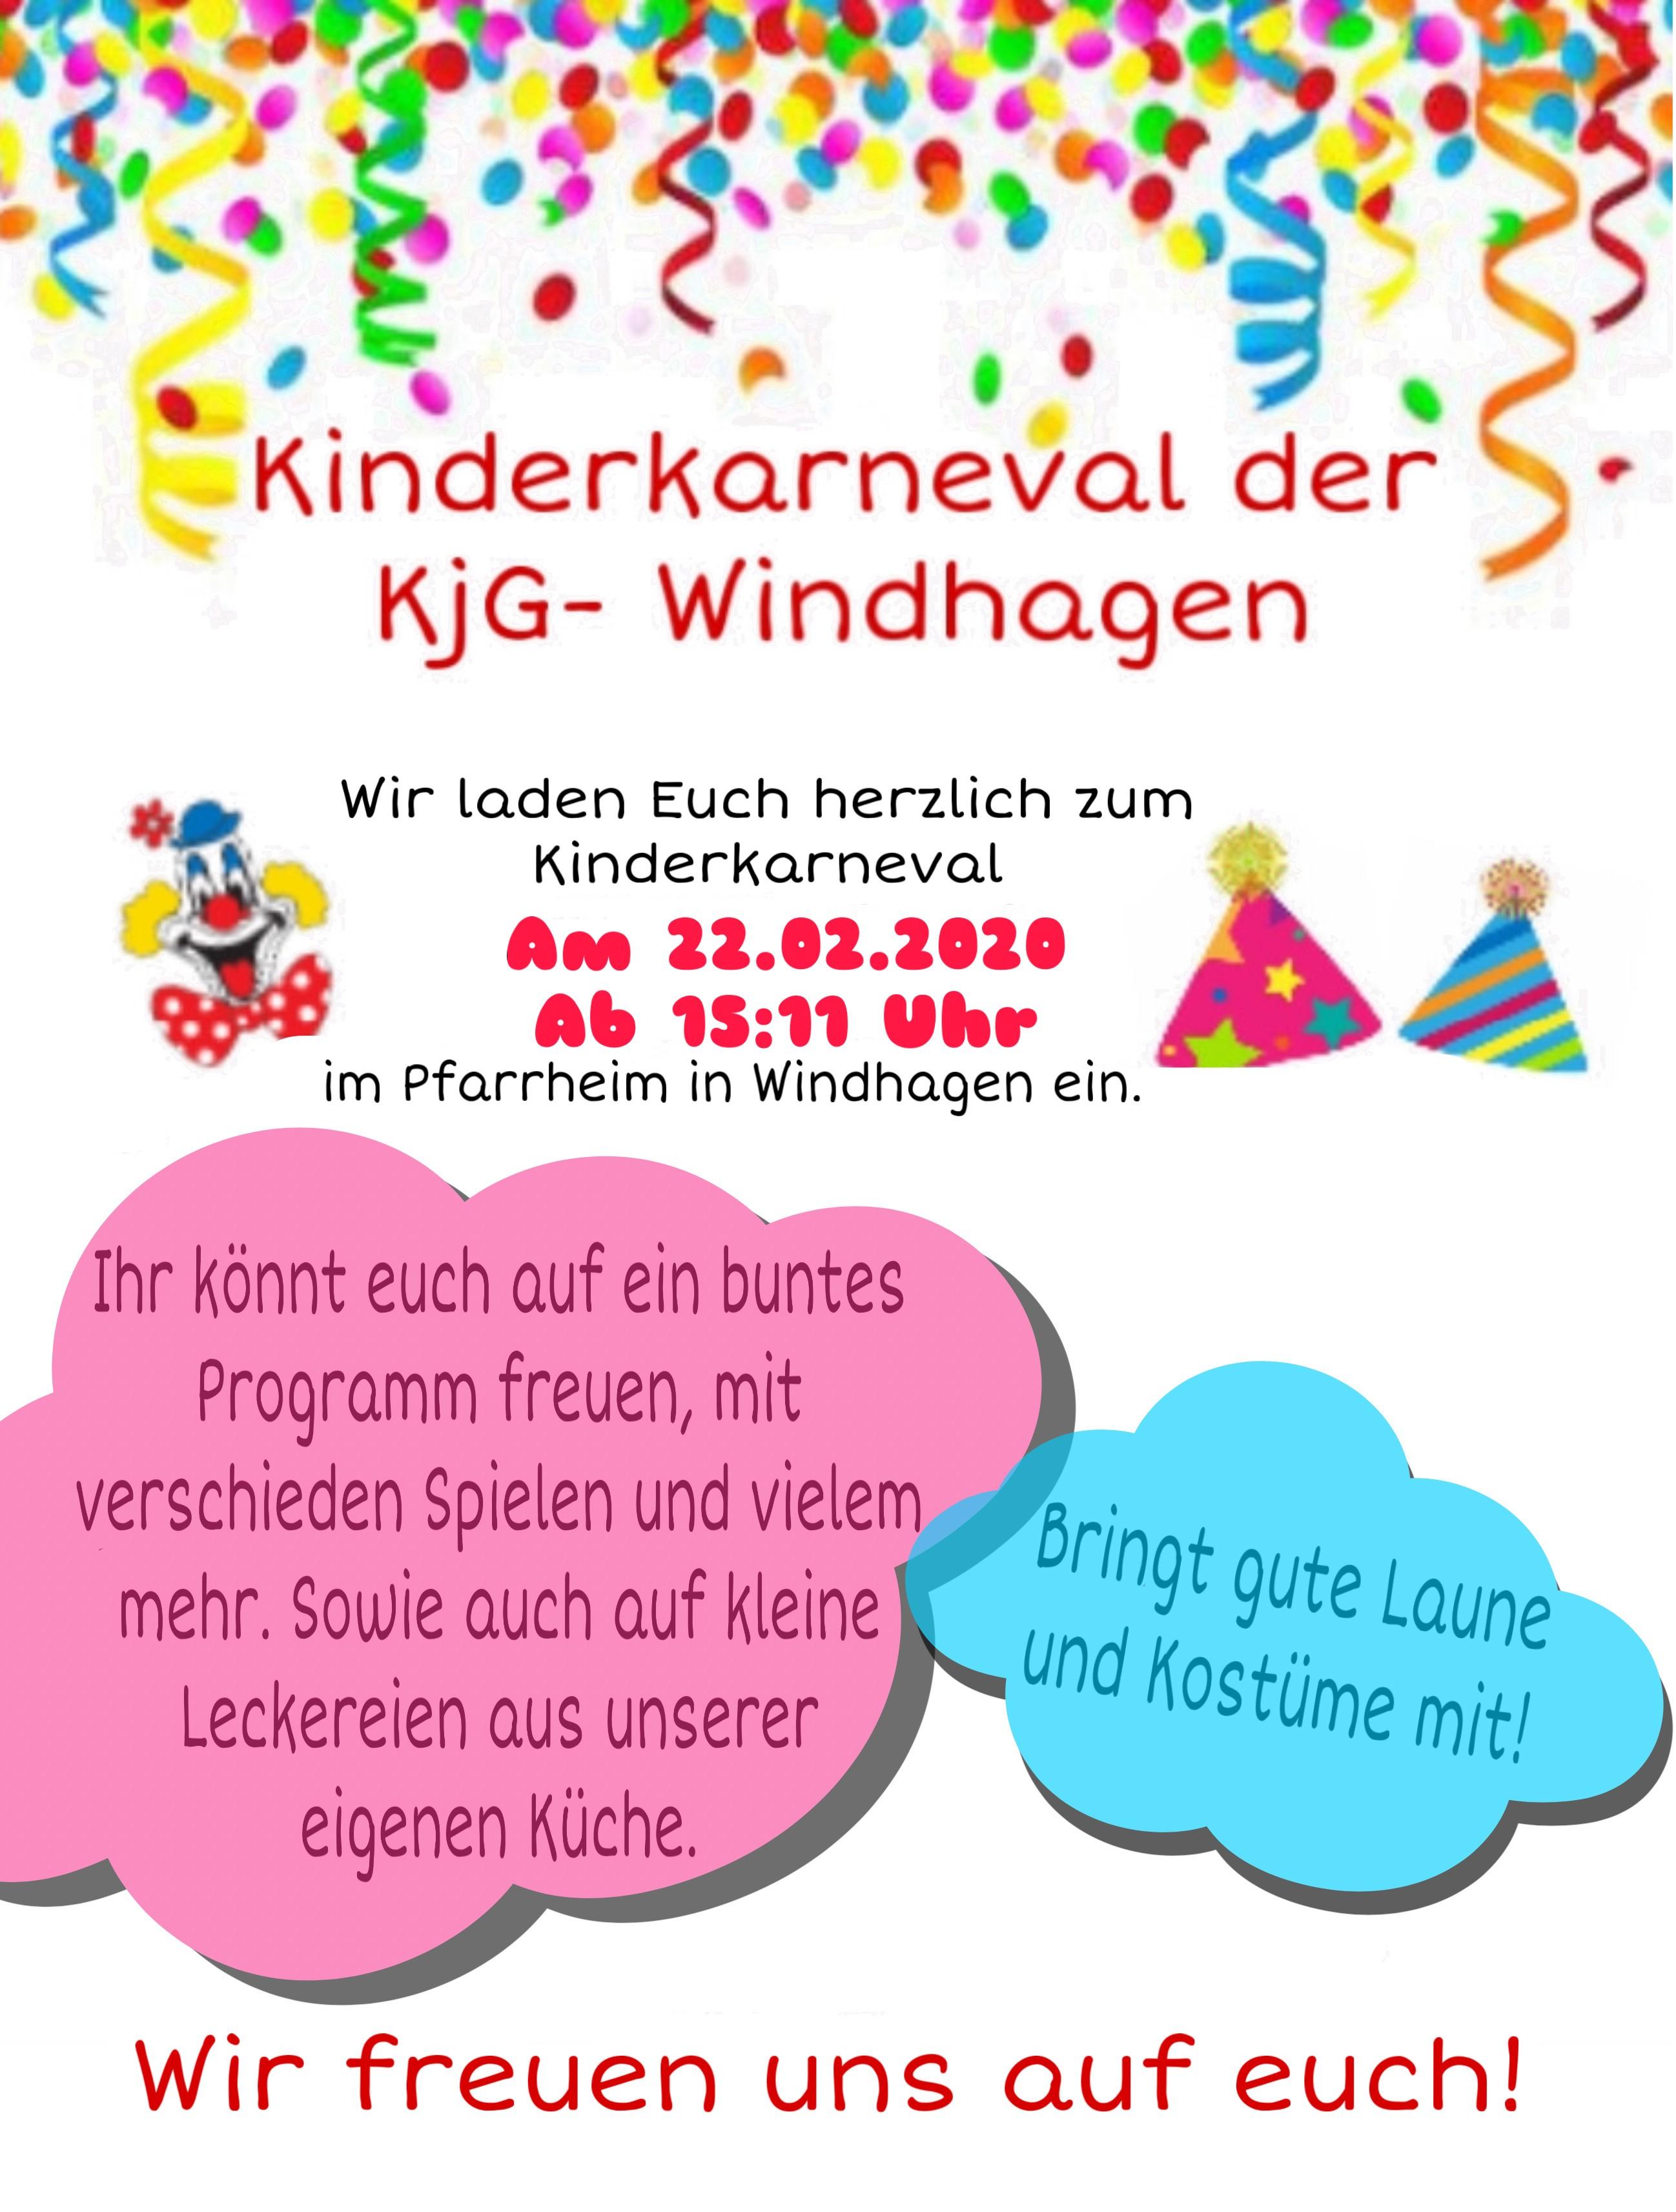 Kinderkarneval_02_2020